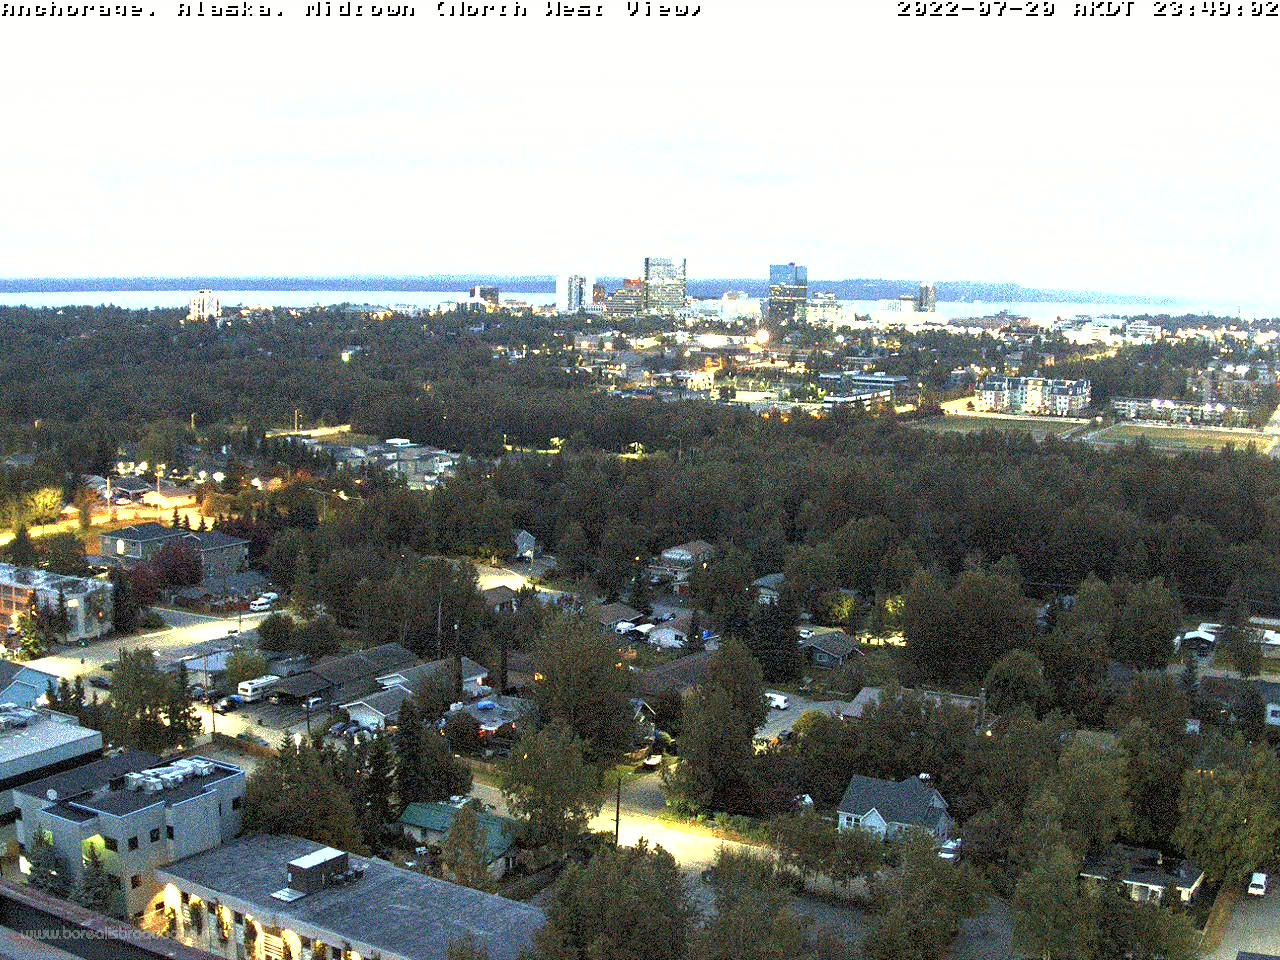 Anchorage, Alaska Thu. 23:49